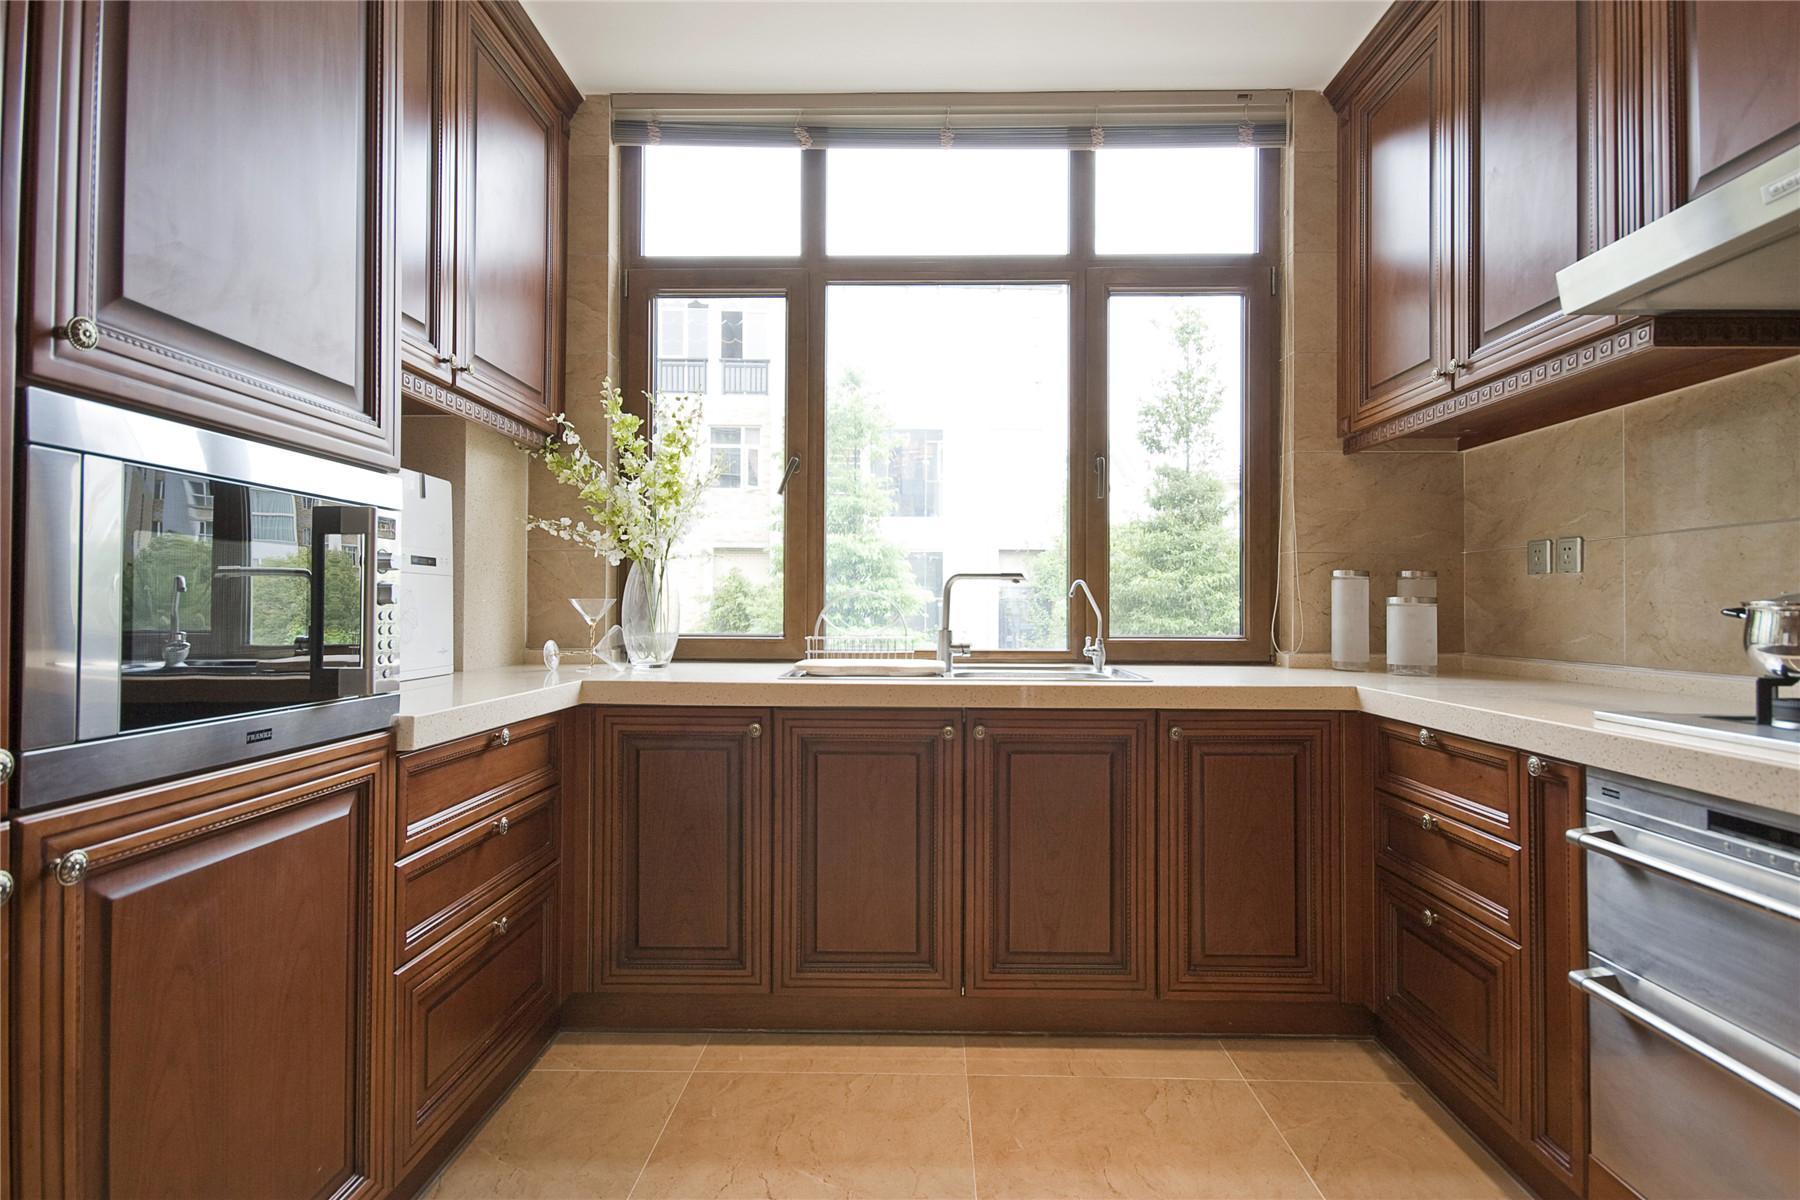 橱柜 厨房 家居 设计 装修 1800_1200